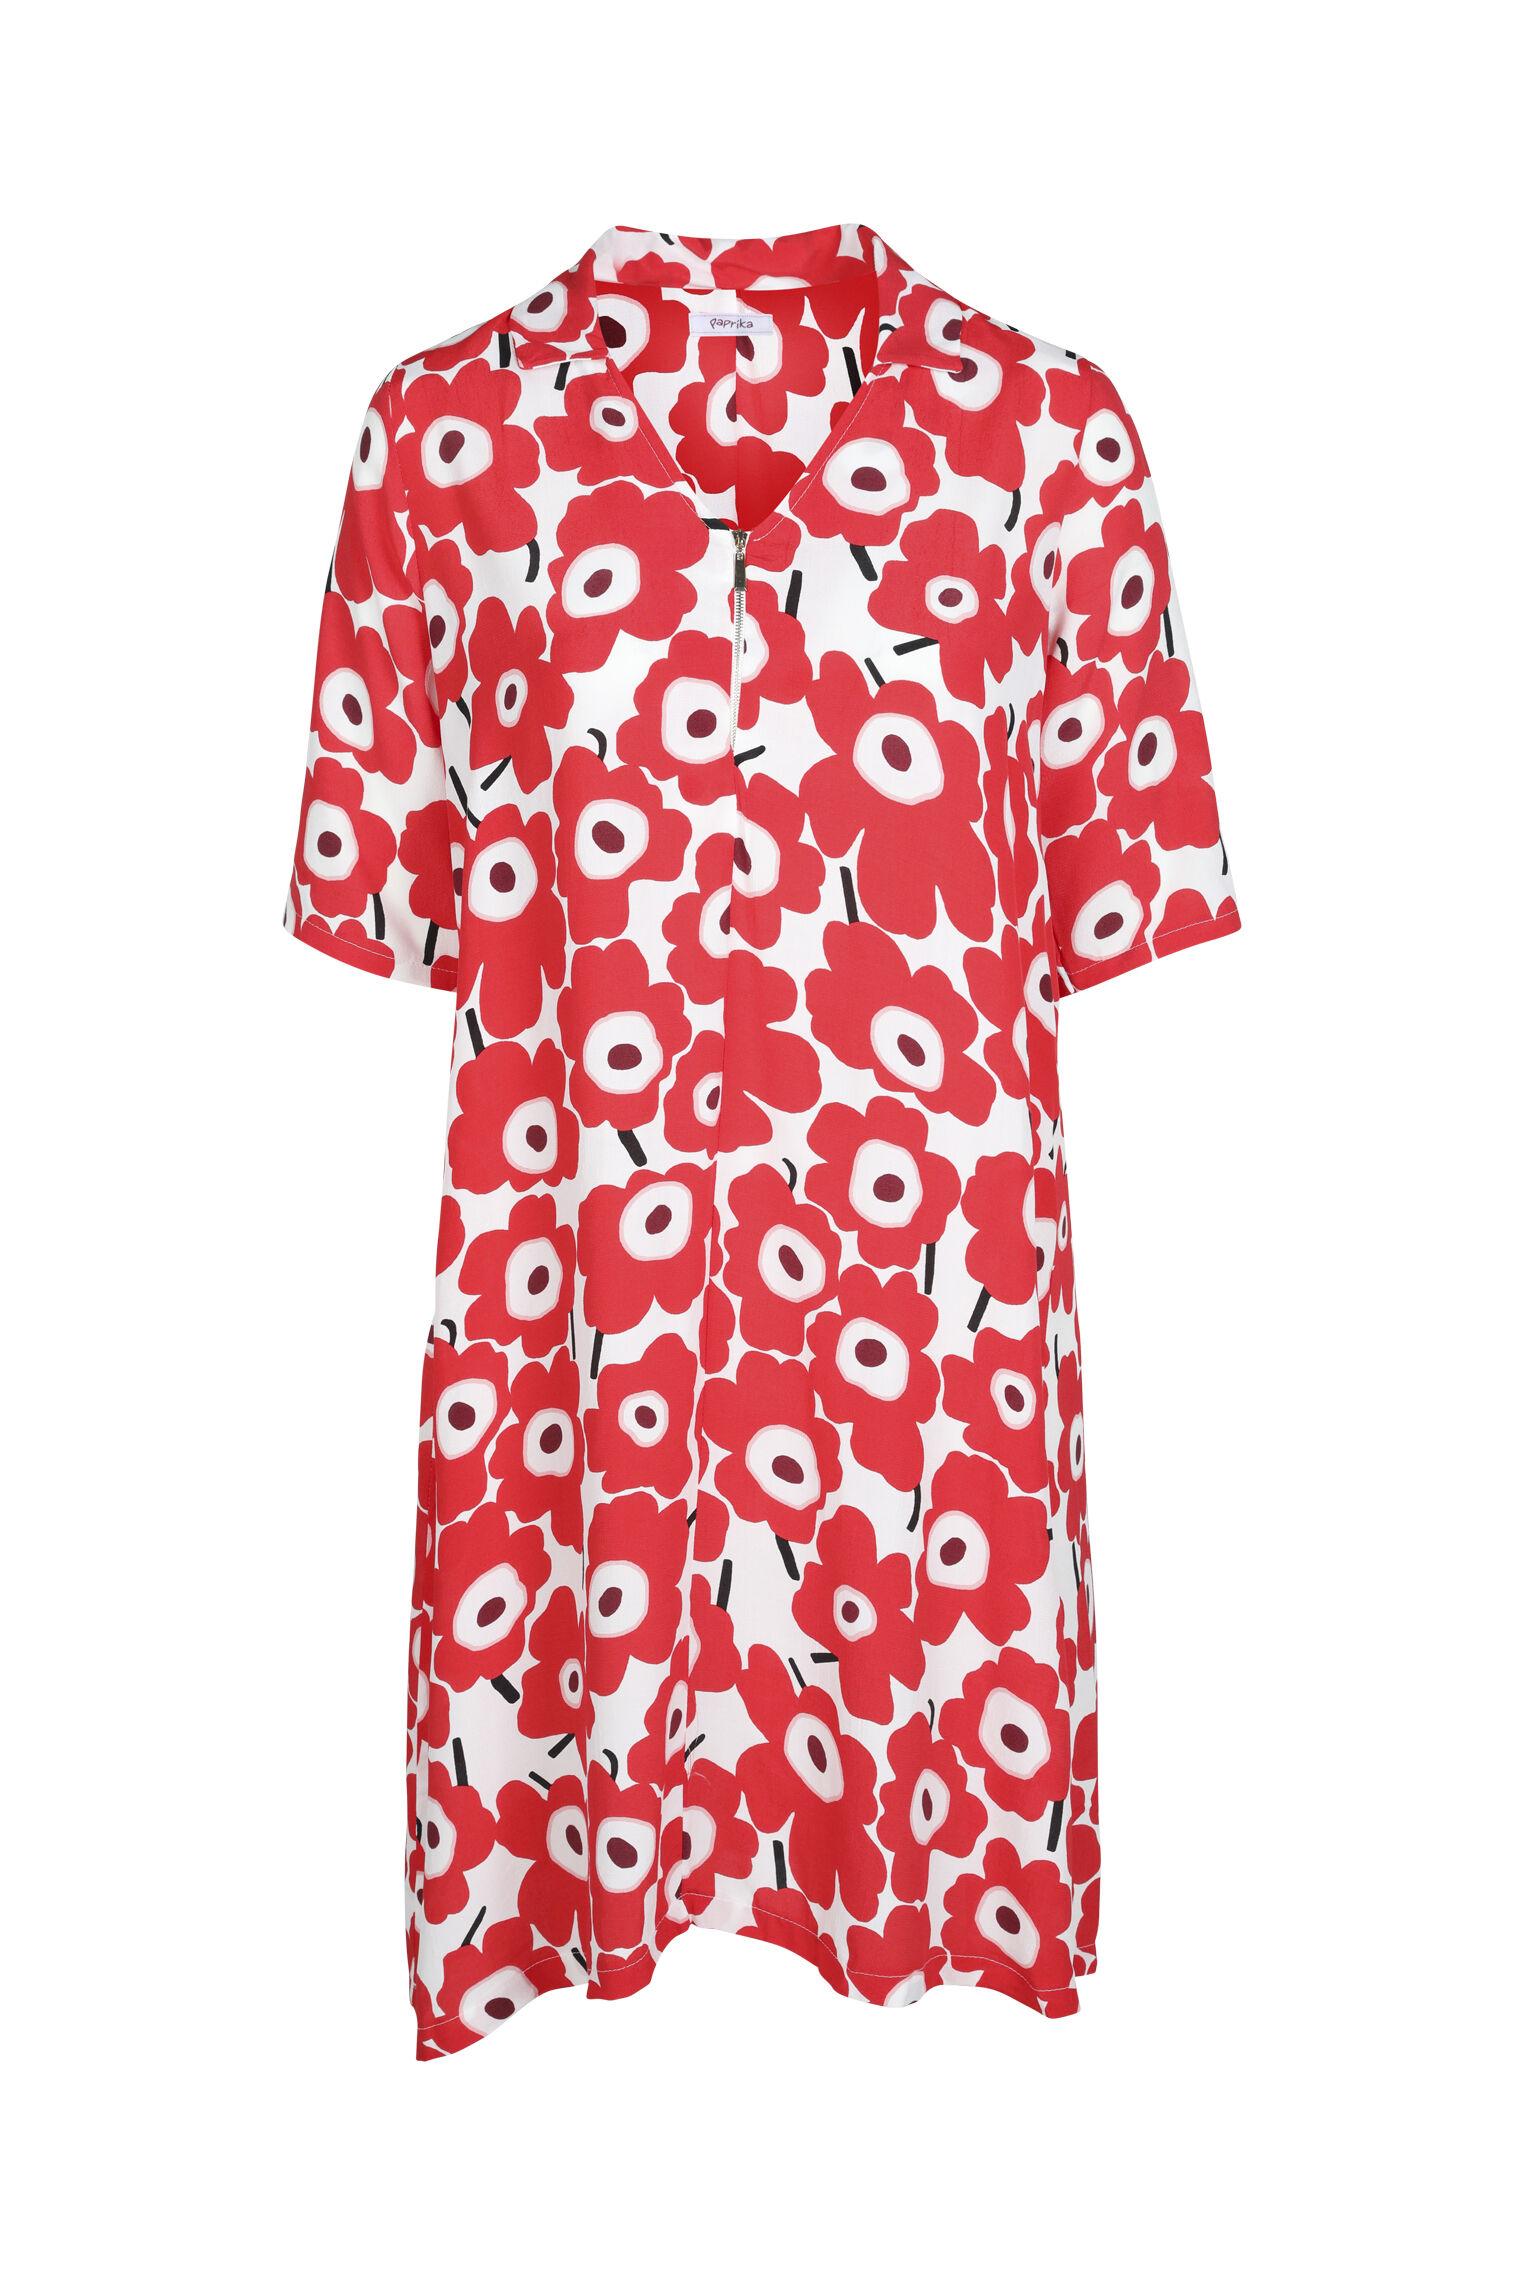 paprika -  Druckkleid Rundhals geblümt, bequem zu tragen